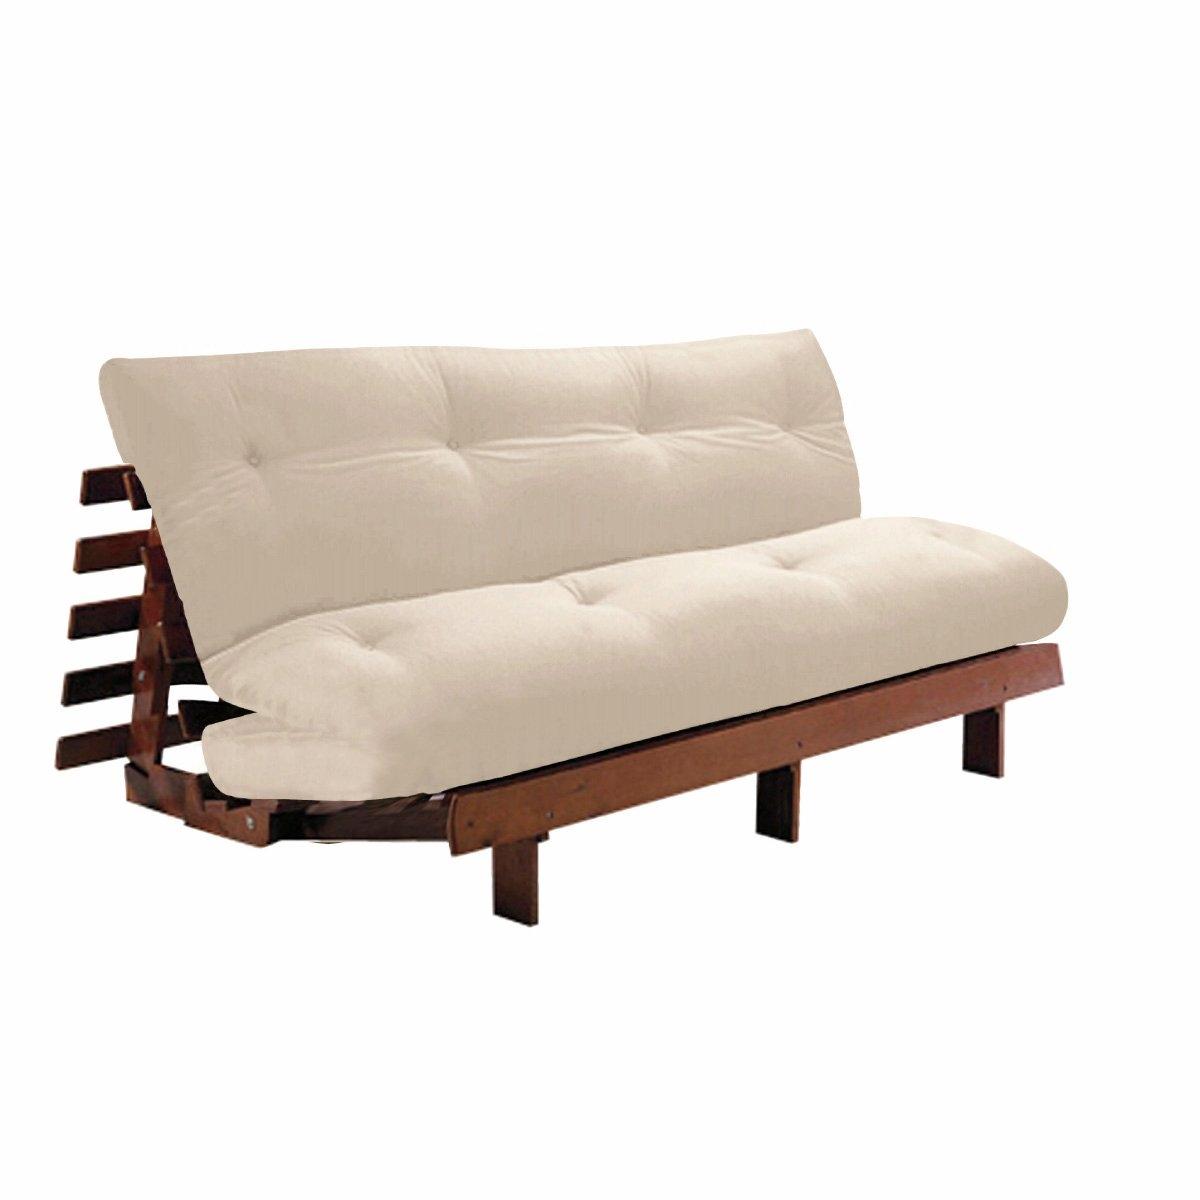 Матрас хлопчатобумажный с покрытием из латекса для дивана THAÏ